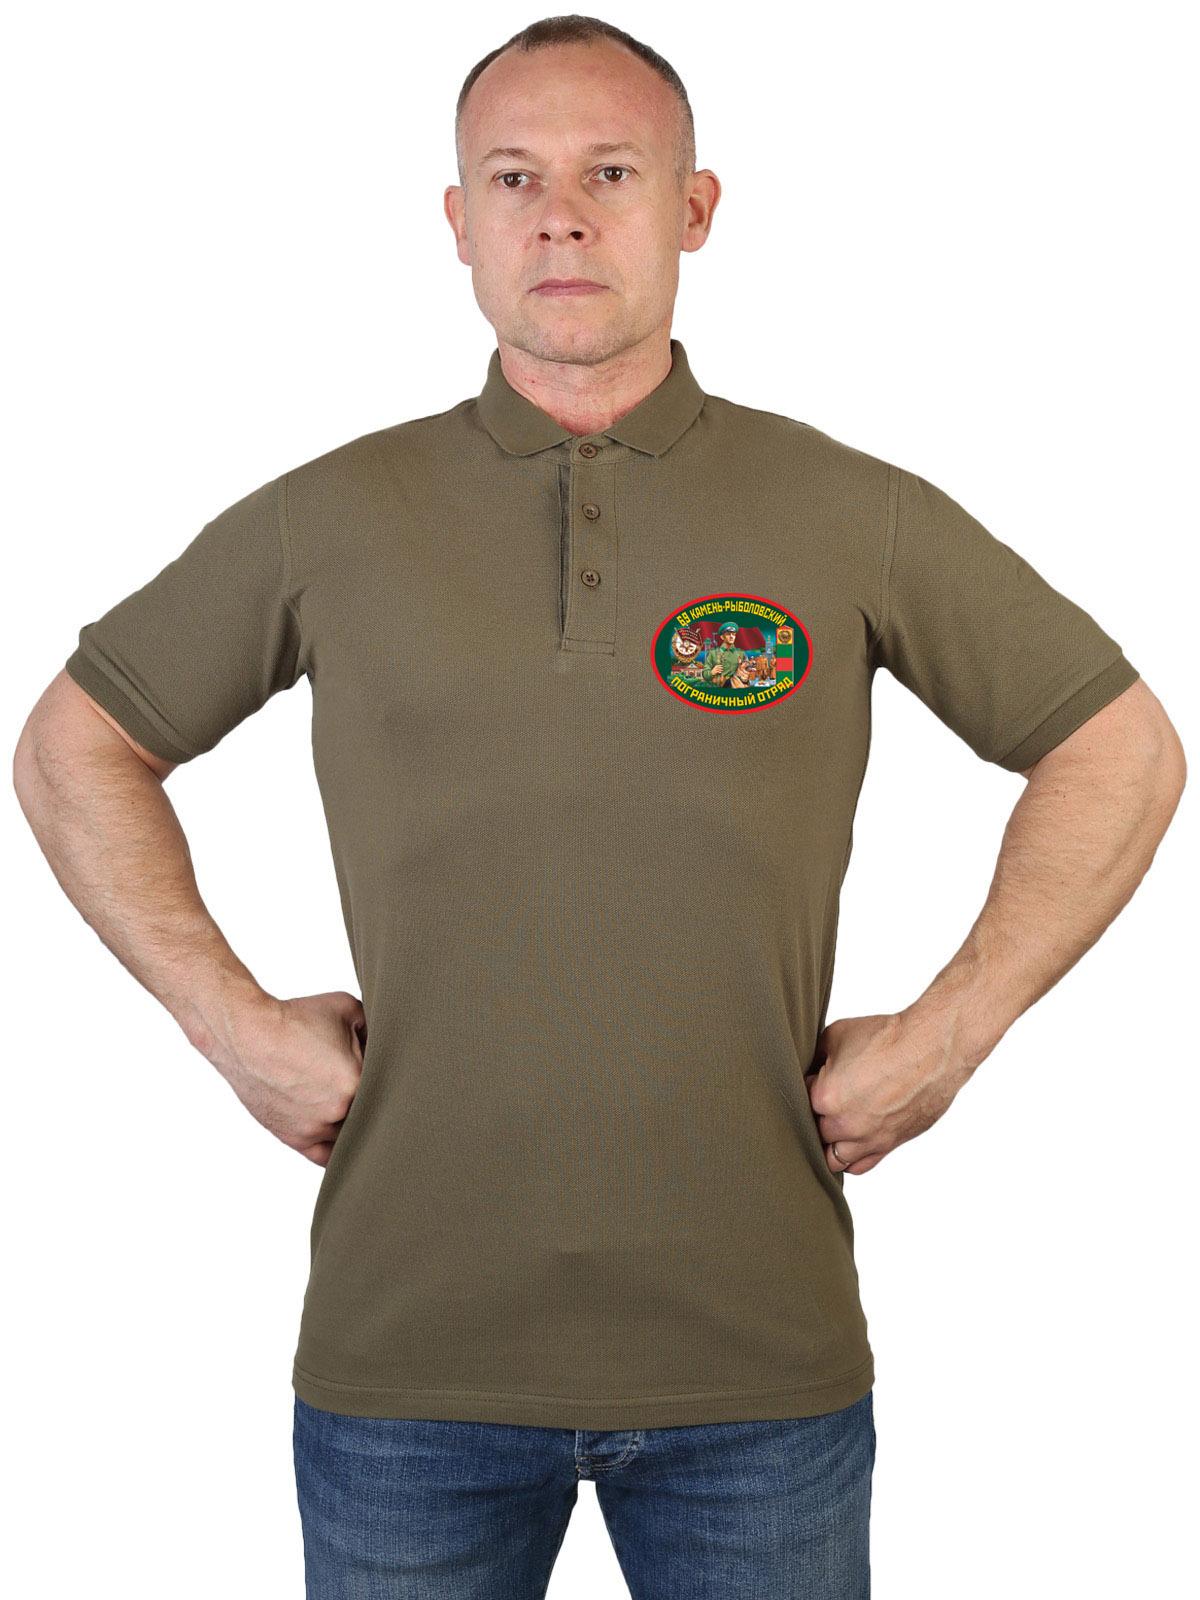 Оливковая футболка 69 Камень-рыболовский пограничный отряд